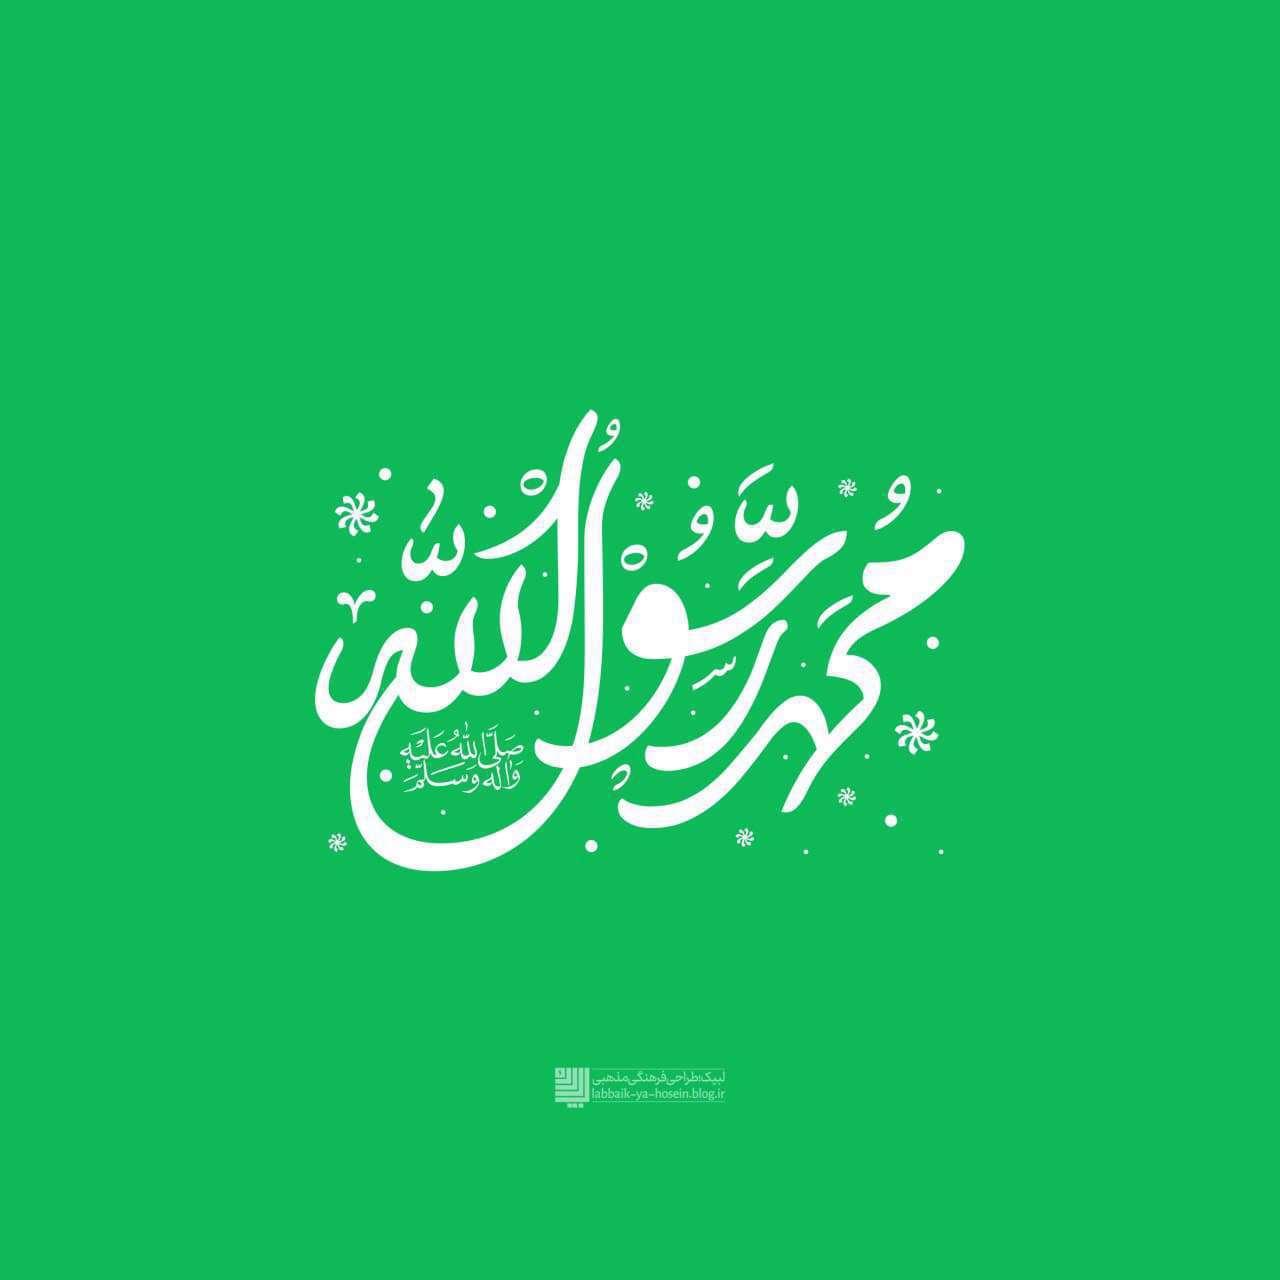 لا اله إلا الله محمد رسول الله سامی یوسف